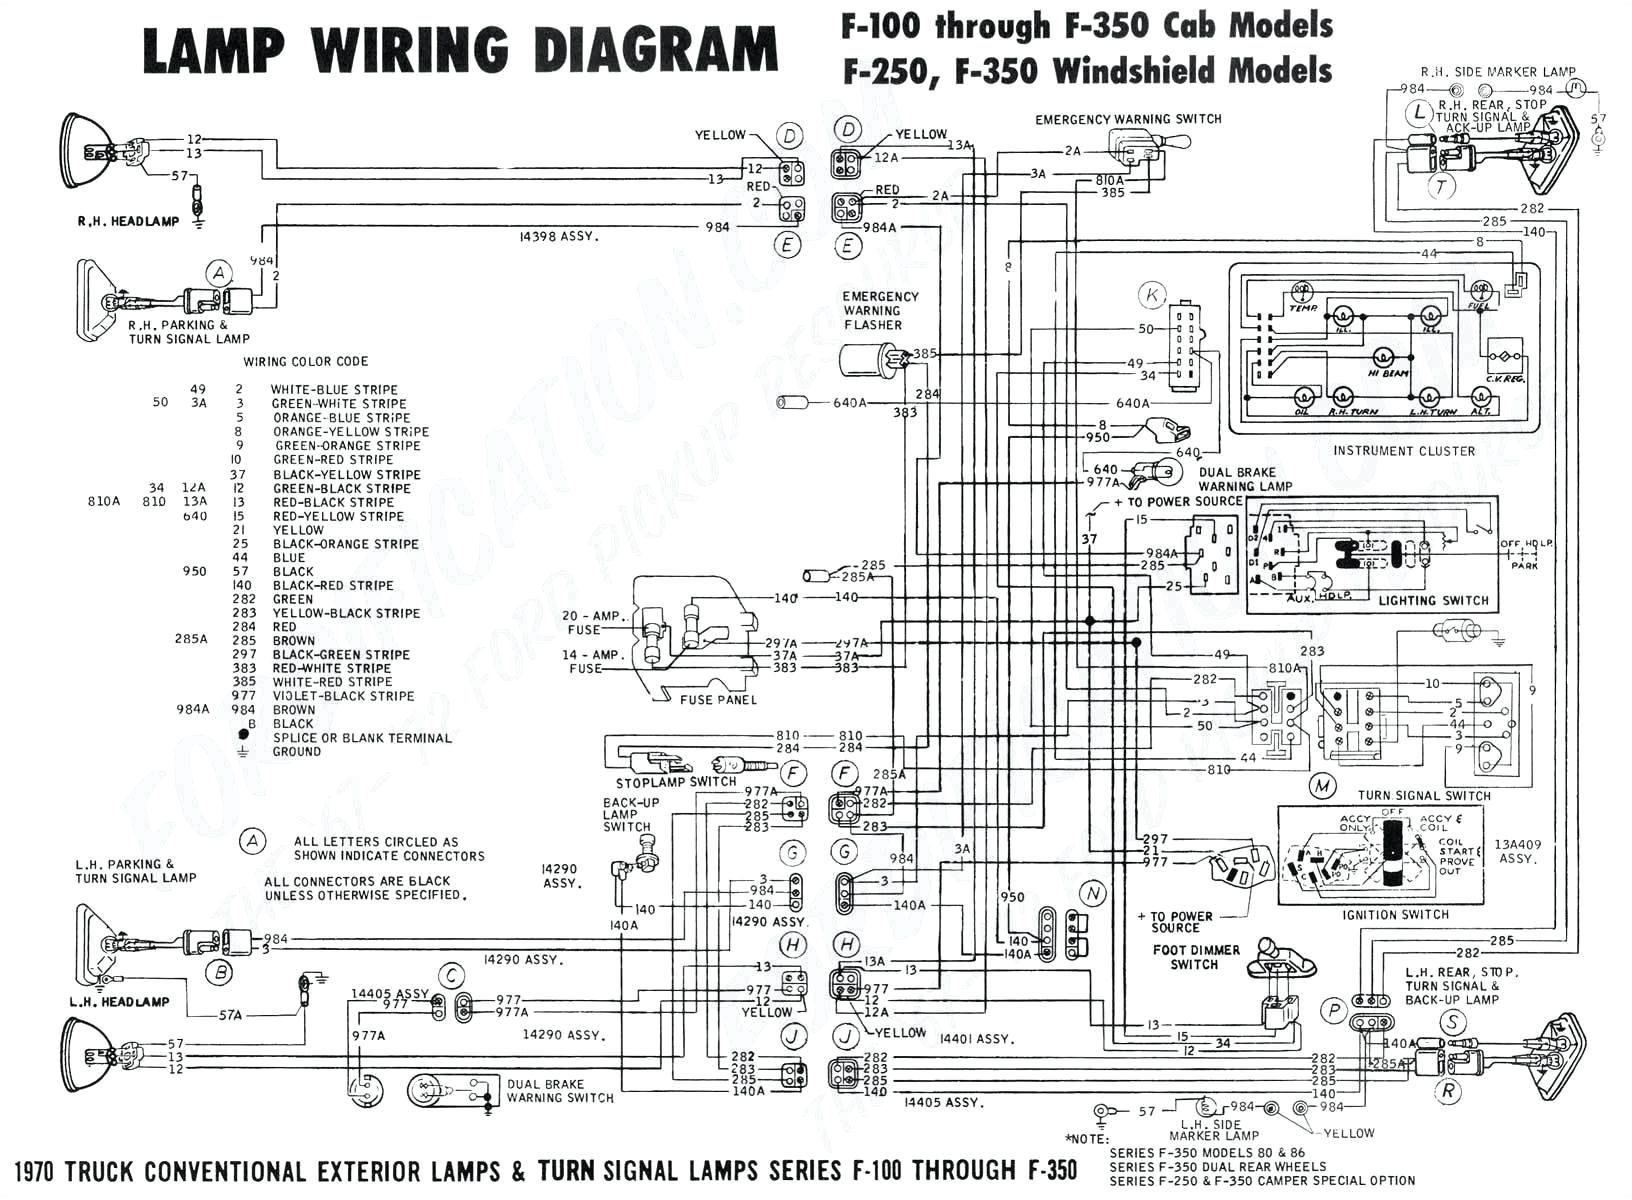 2003 ram wiring diagram wiring diagram datasource 2003 dodge 2500 trailer wiring